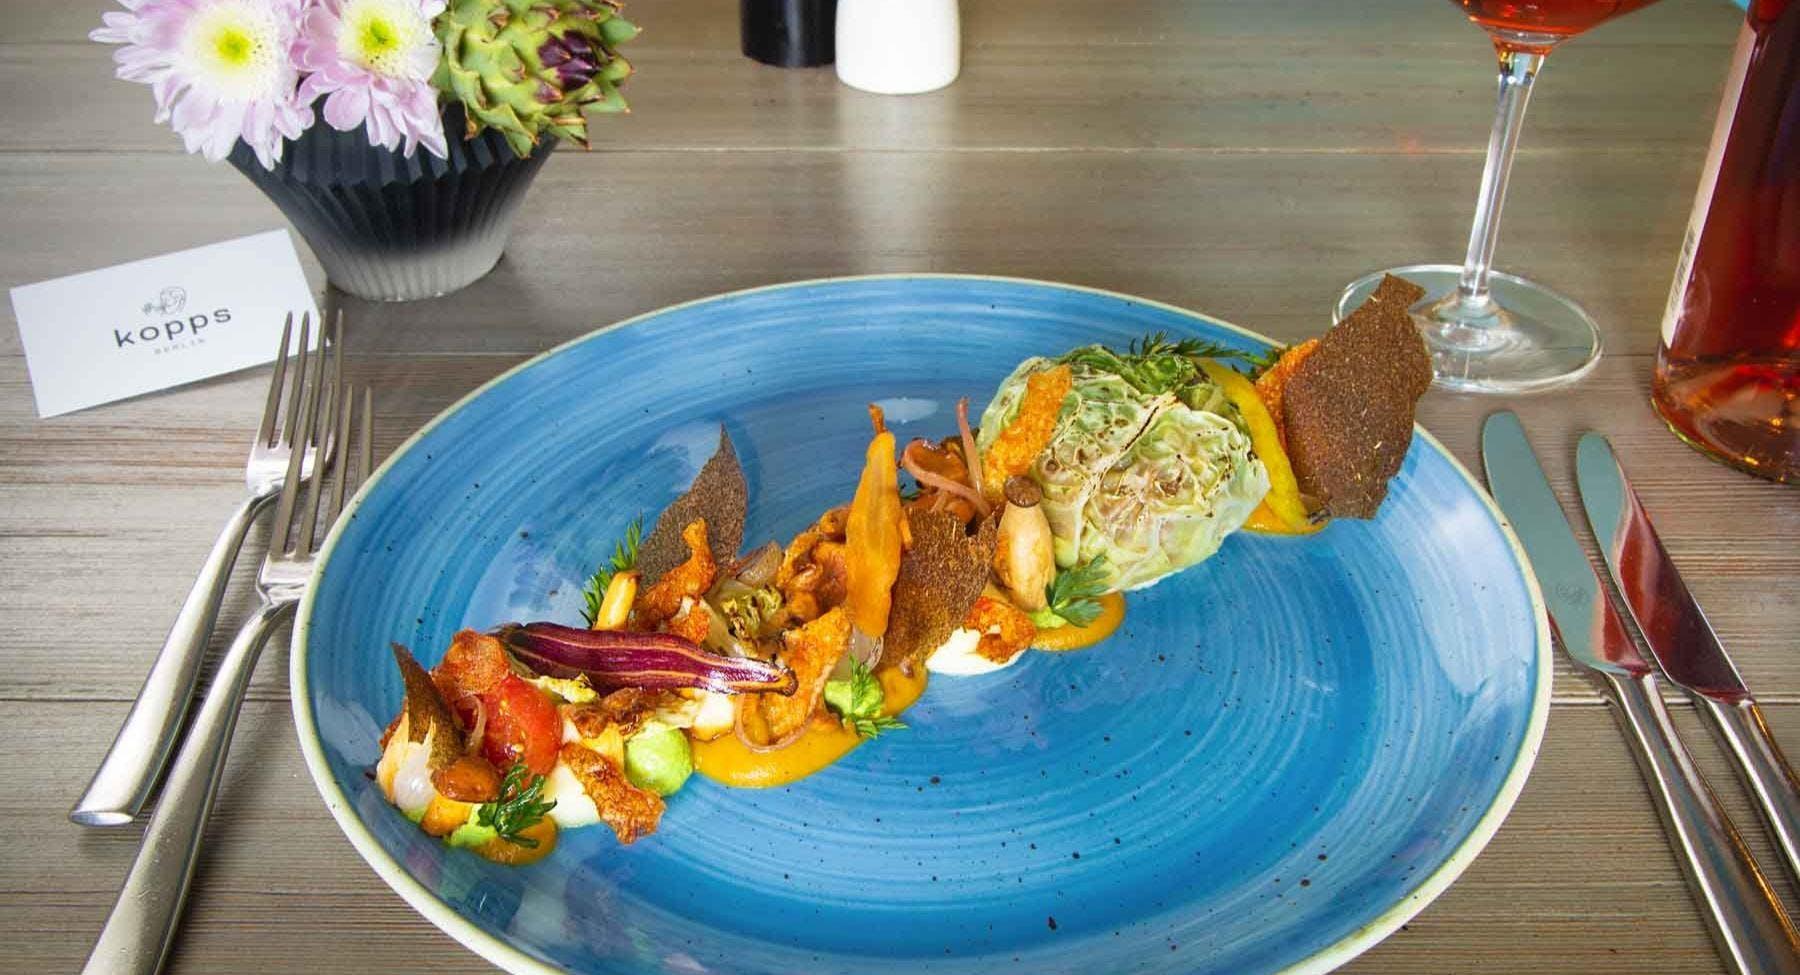 kopps Restaurant